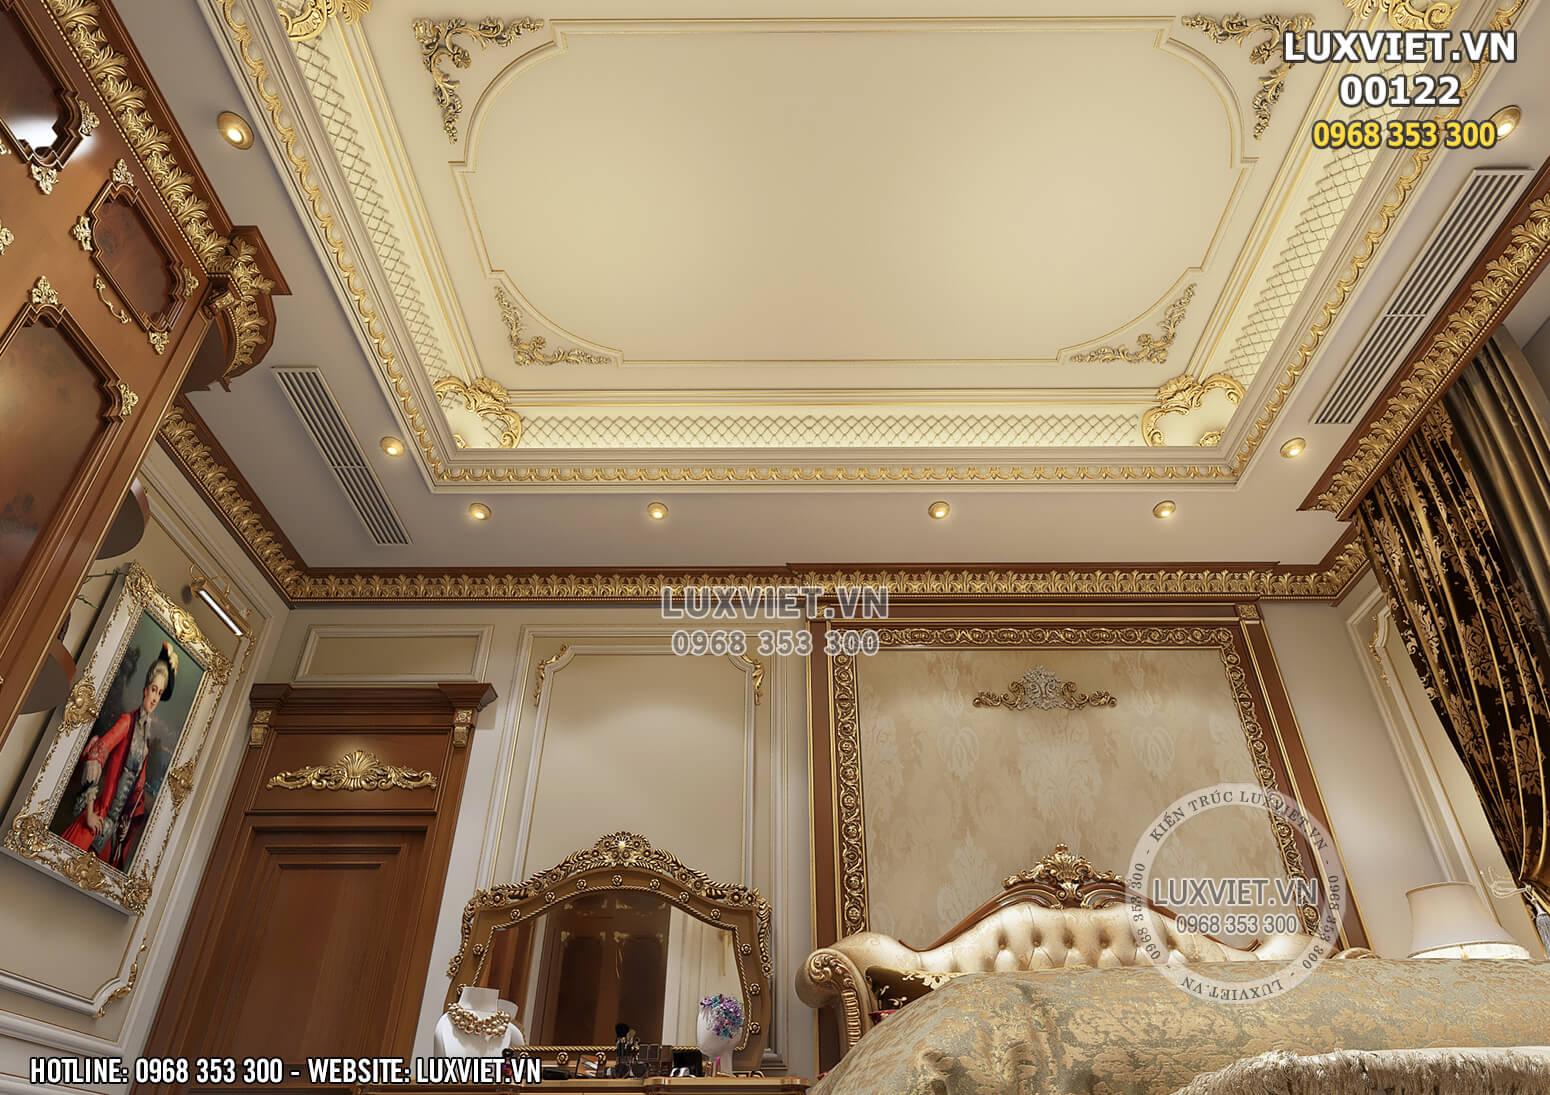 Hình ảnh: Chi tiết phào chỉ trần, tường và hệ thống chiếu sáng interior design - LV 00122